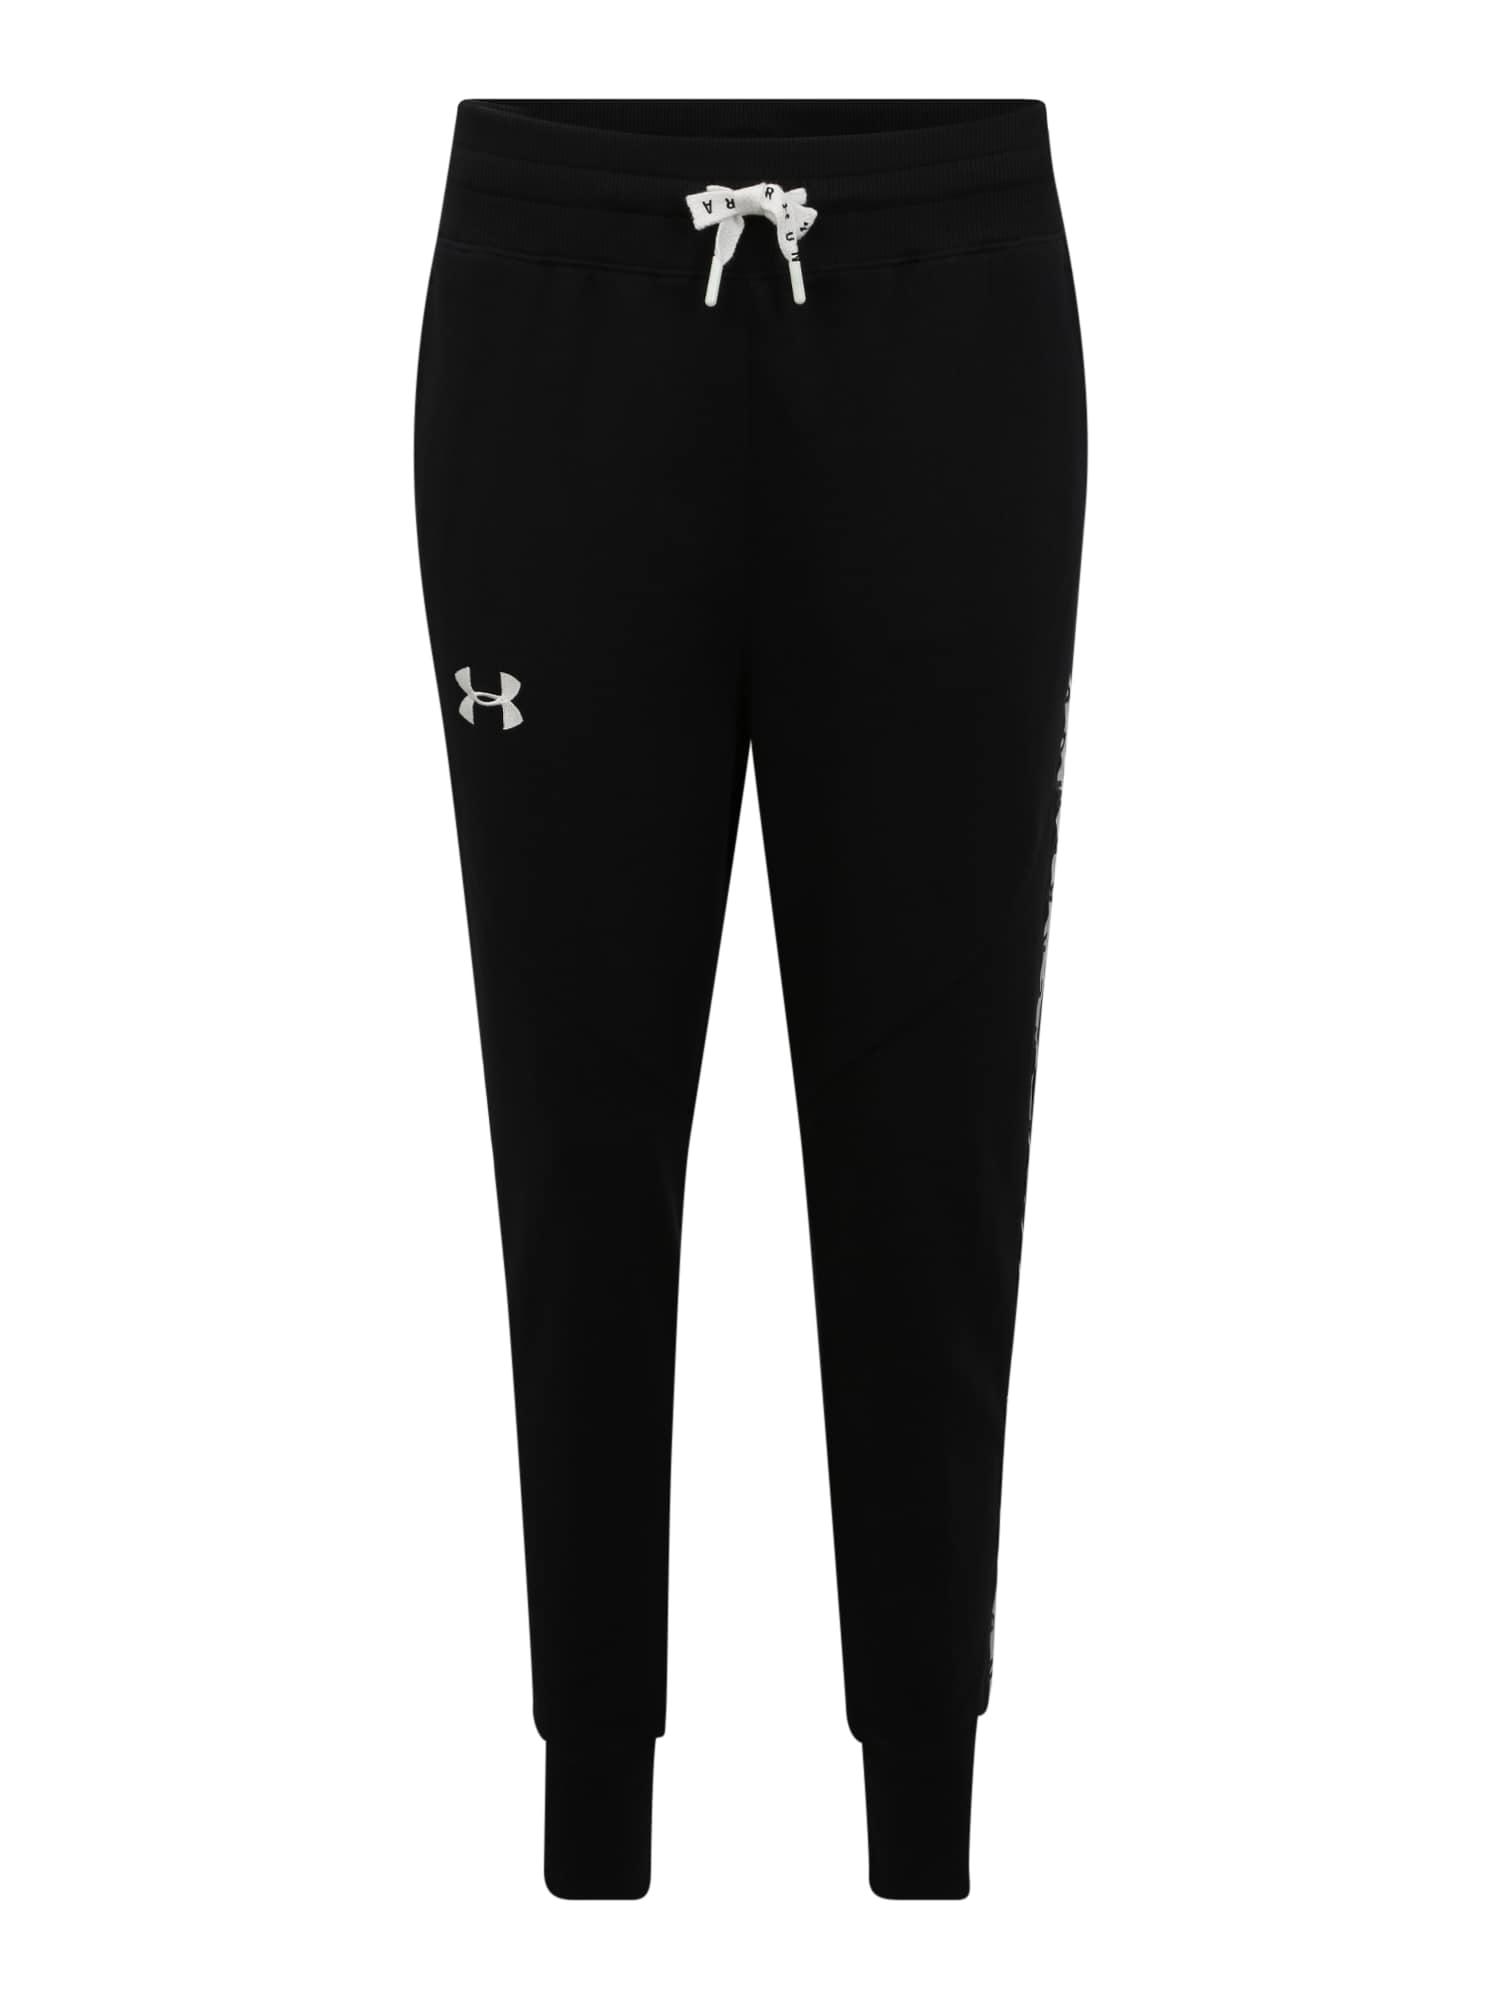 UNDER ARMOUR Sportinės kelnės 'FLEECE PANT TAPED' balta / juoda